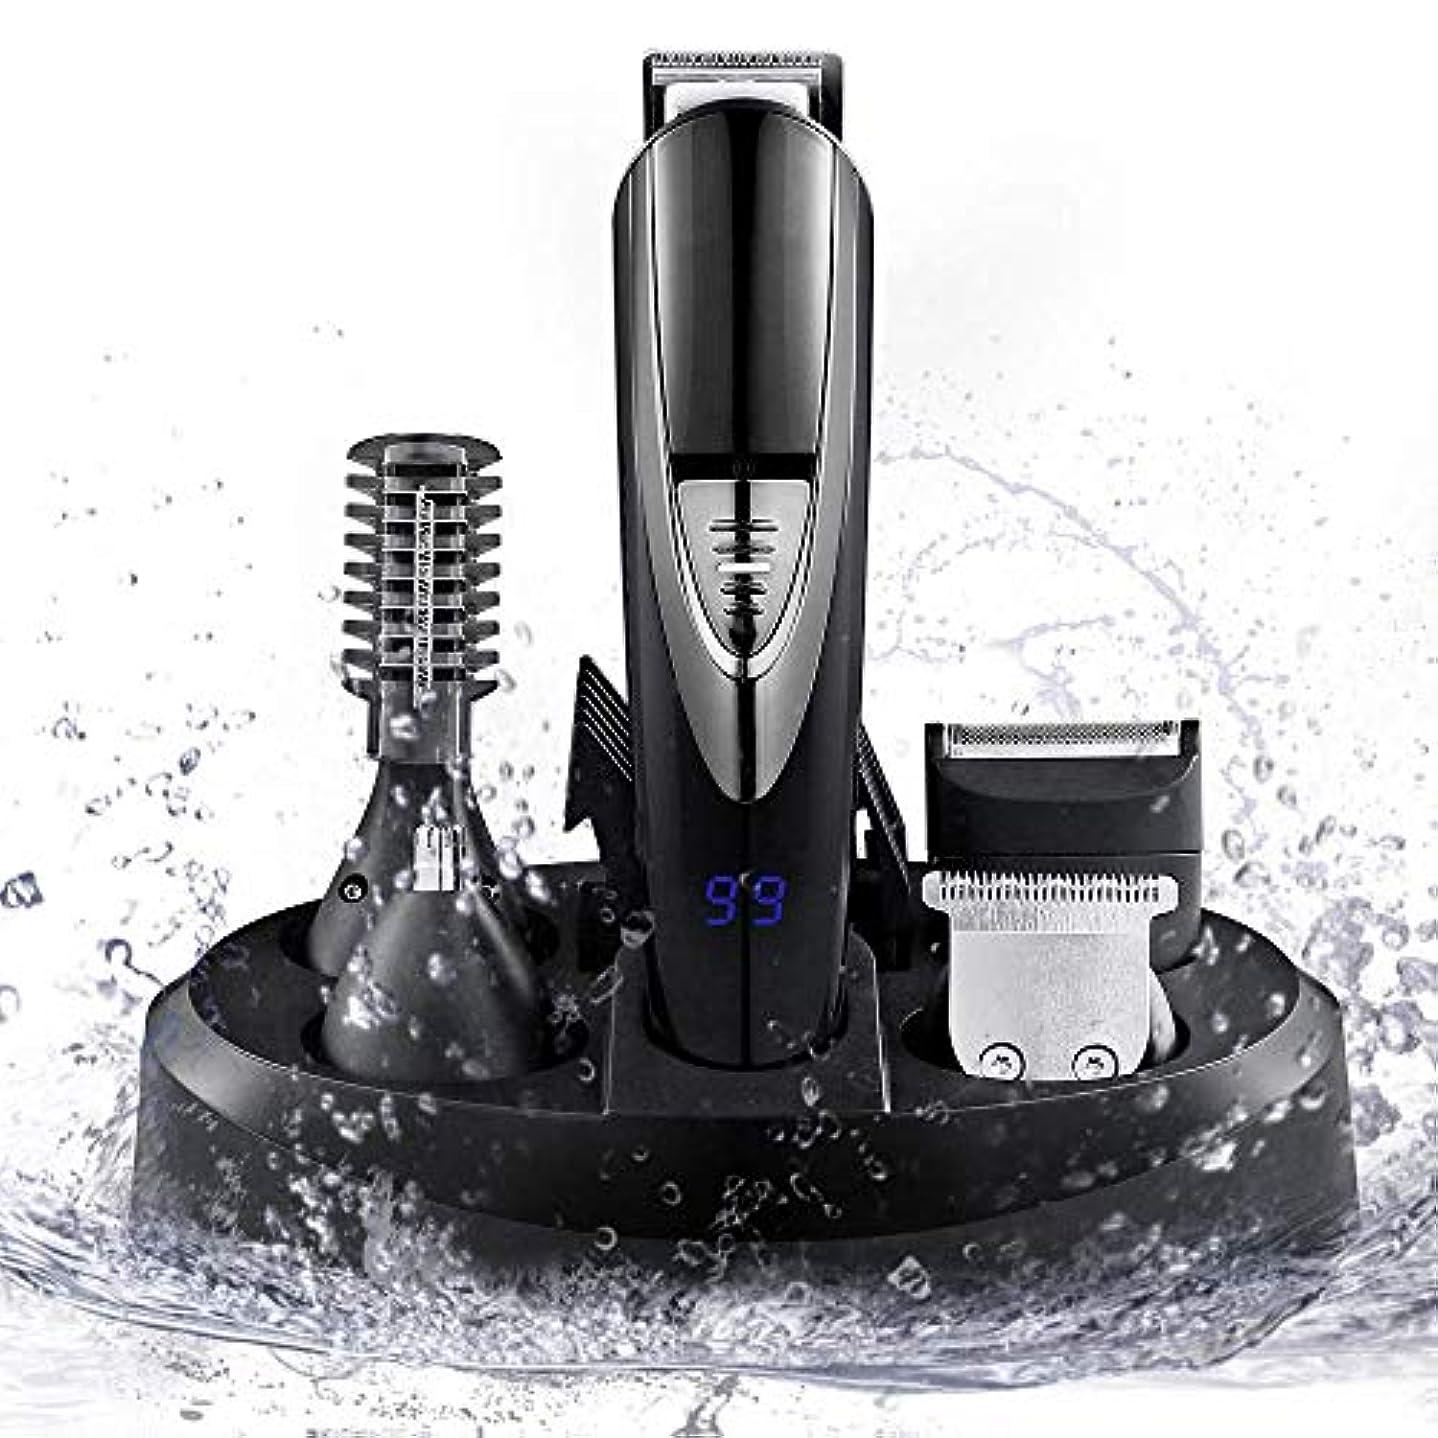 処理する促進する減少男性のためのヒゲトリマーキット、完全に洗えるメンズグルーミングキット、プロフェッショナルコードレスバリカン口ひげ鼻トリマーシェーバースーツ